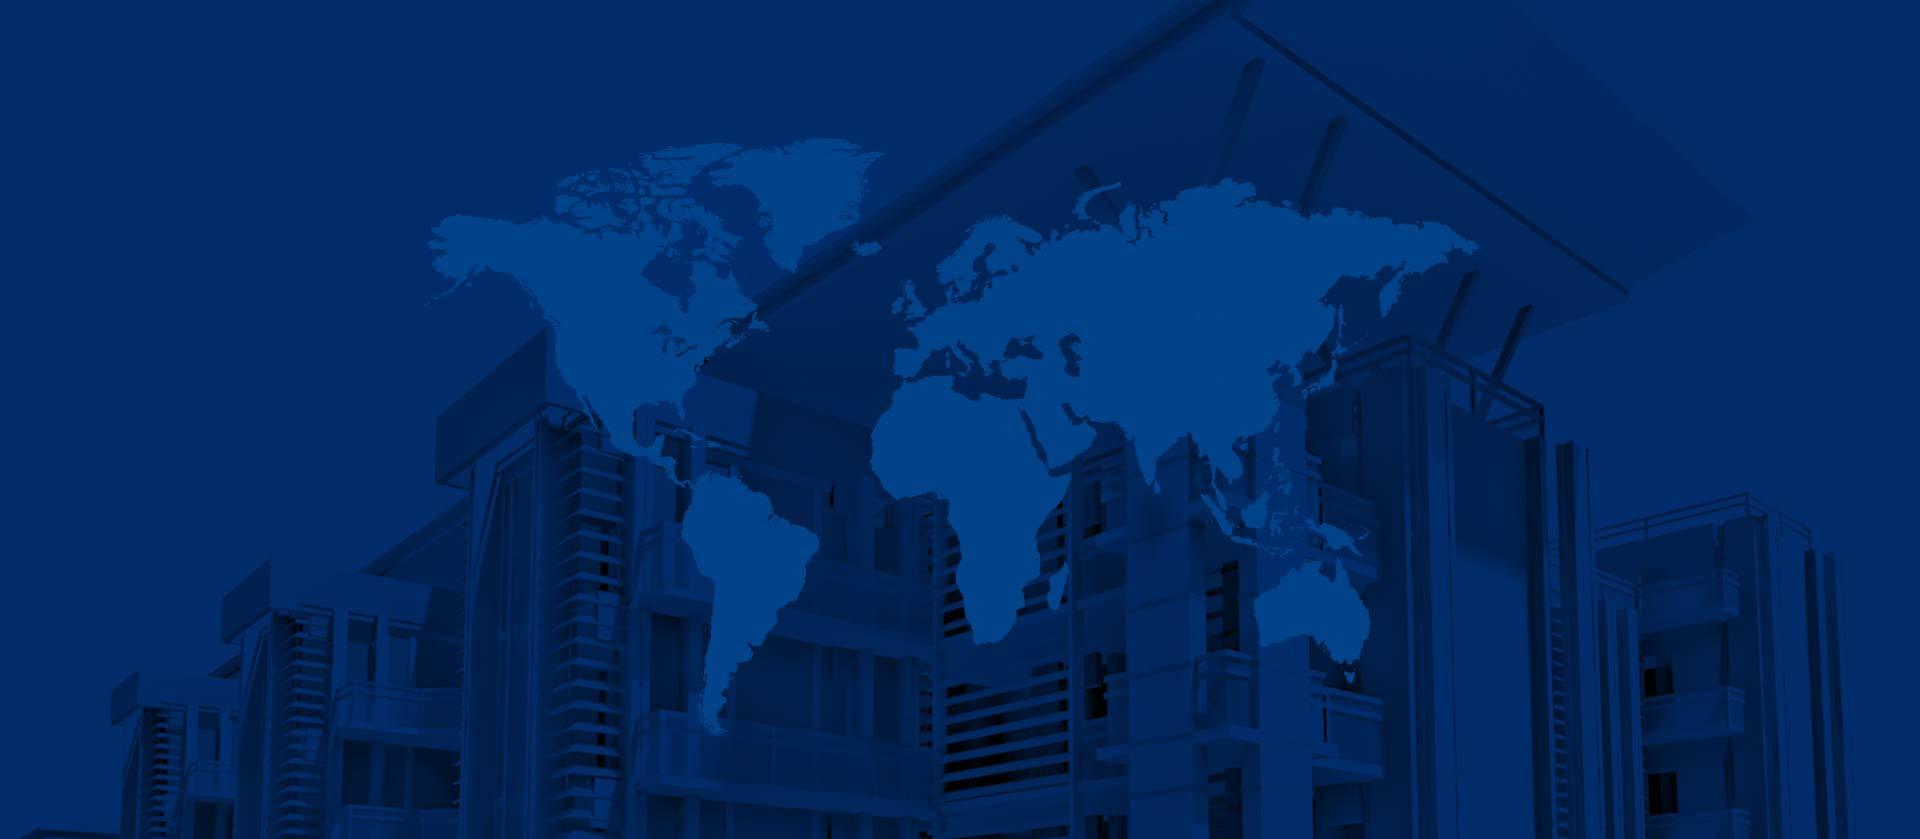 Strategic Partner For Digital Innovations